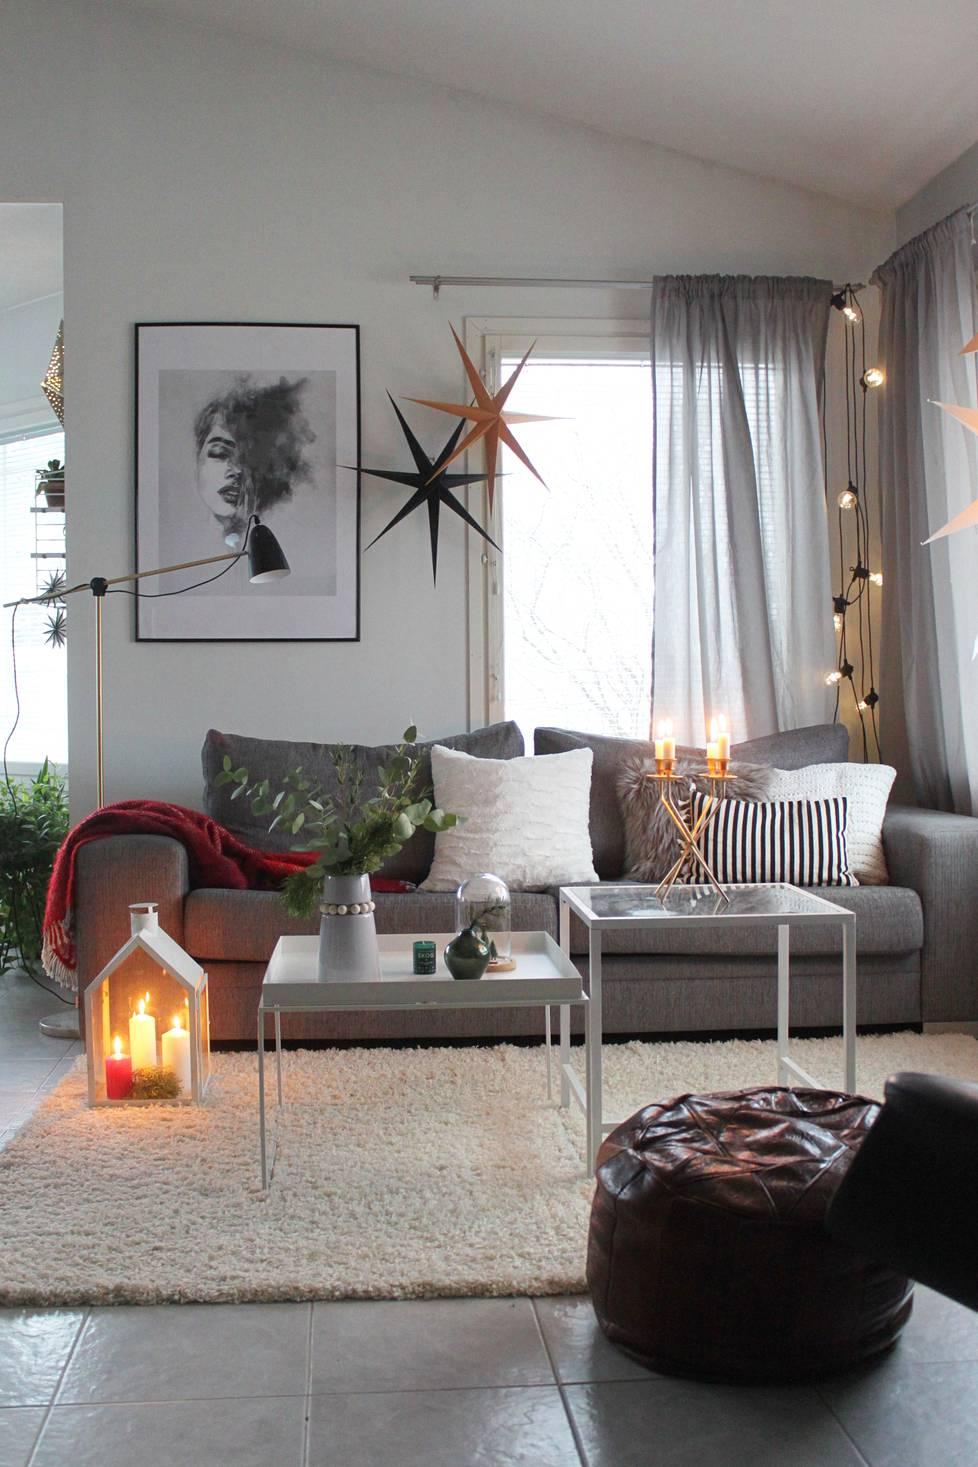 Seinäjokelainen sisustussuunnittelija Marika Mäki-Haapoja tykkää sekoittaa uutta ja vanhaa.